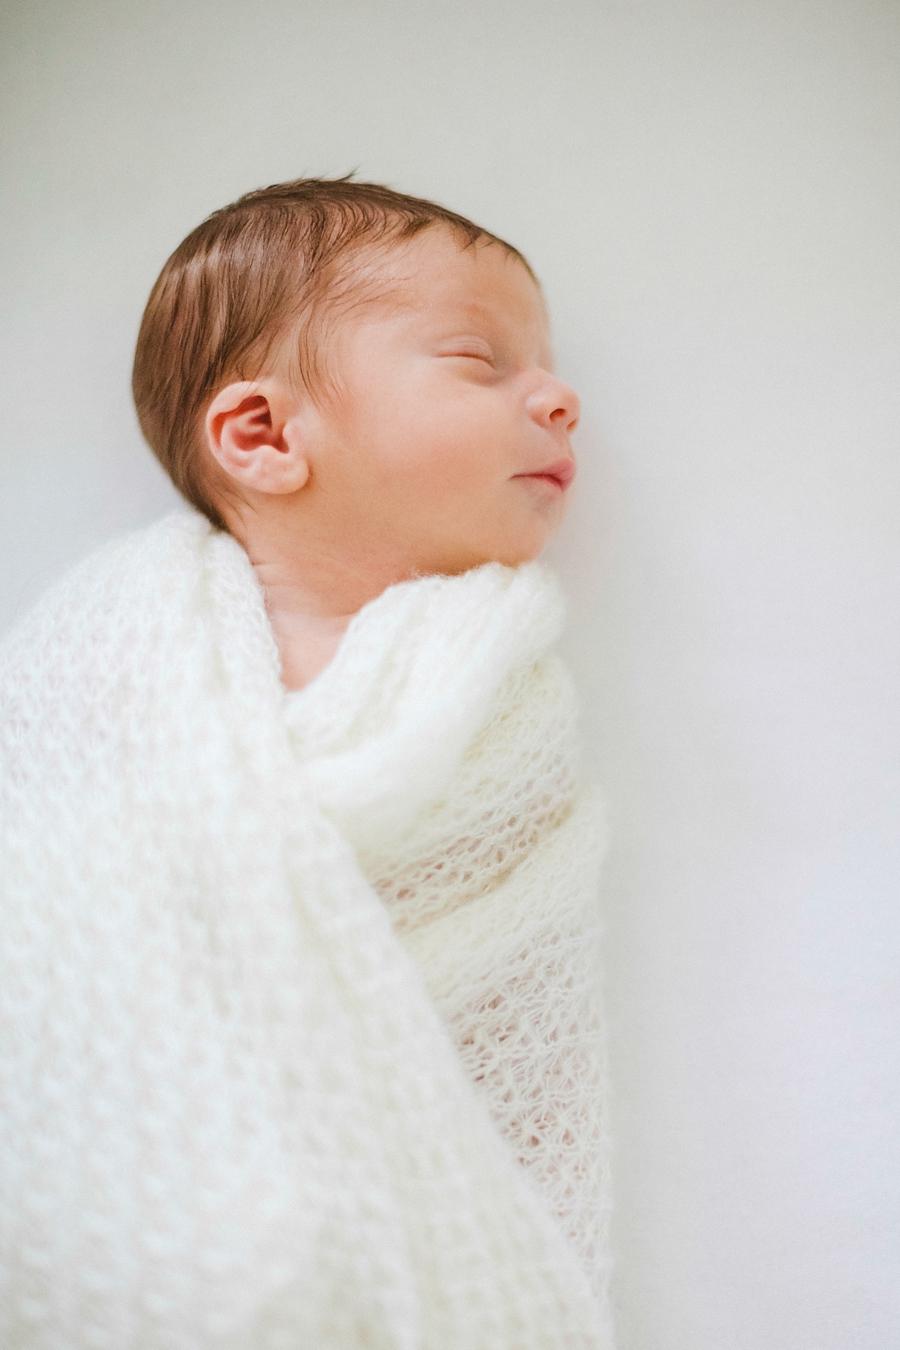 fotografin-newbornshooting-neugeborenes-babyshooting-babyfotos-schwangerschaftsshooting-aachen-herzogenrath-uebach-palenberg-geilenkirchen-koeln-duesseldorf-heinsberg-nrw-blog_034